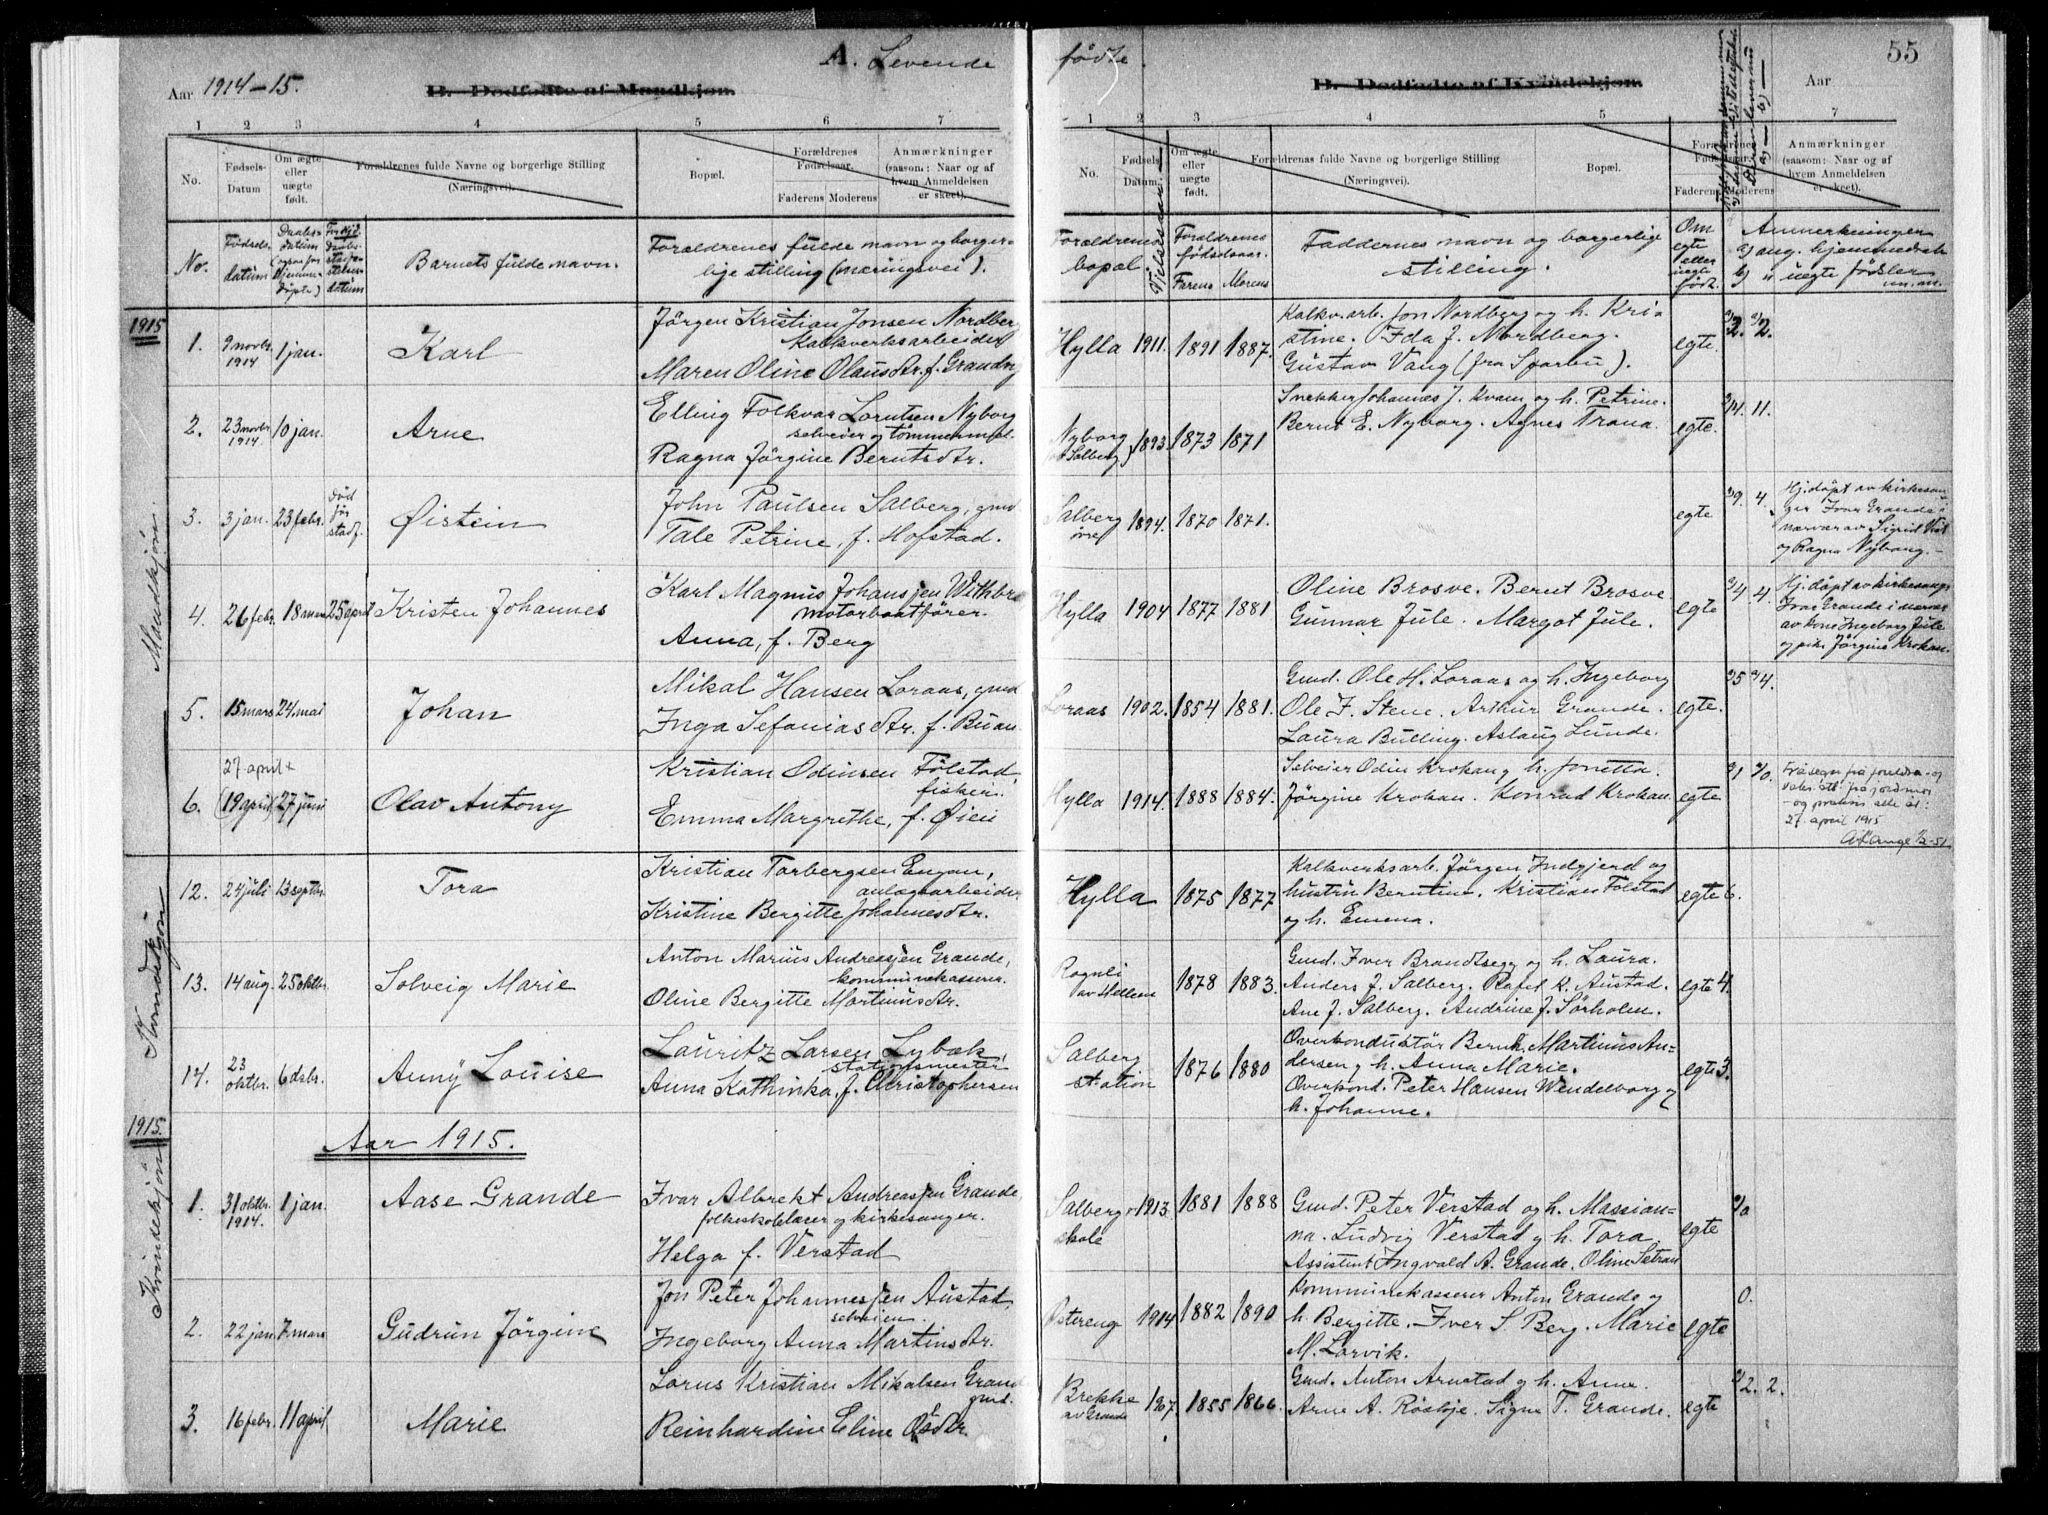 SAT, Ministerialprotokoller, klokkerbøker og fødselsregistre - Nord-Trøndelag, 731/L0309: Ministerialbok nr. 731A01, 1879-1918, s. 55